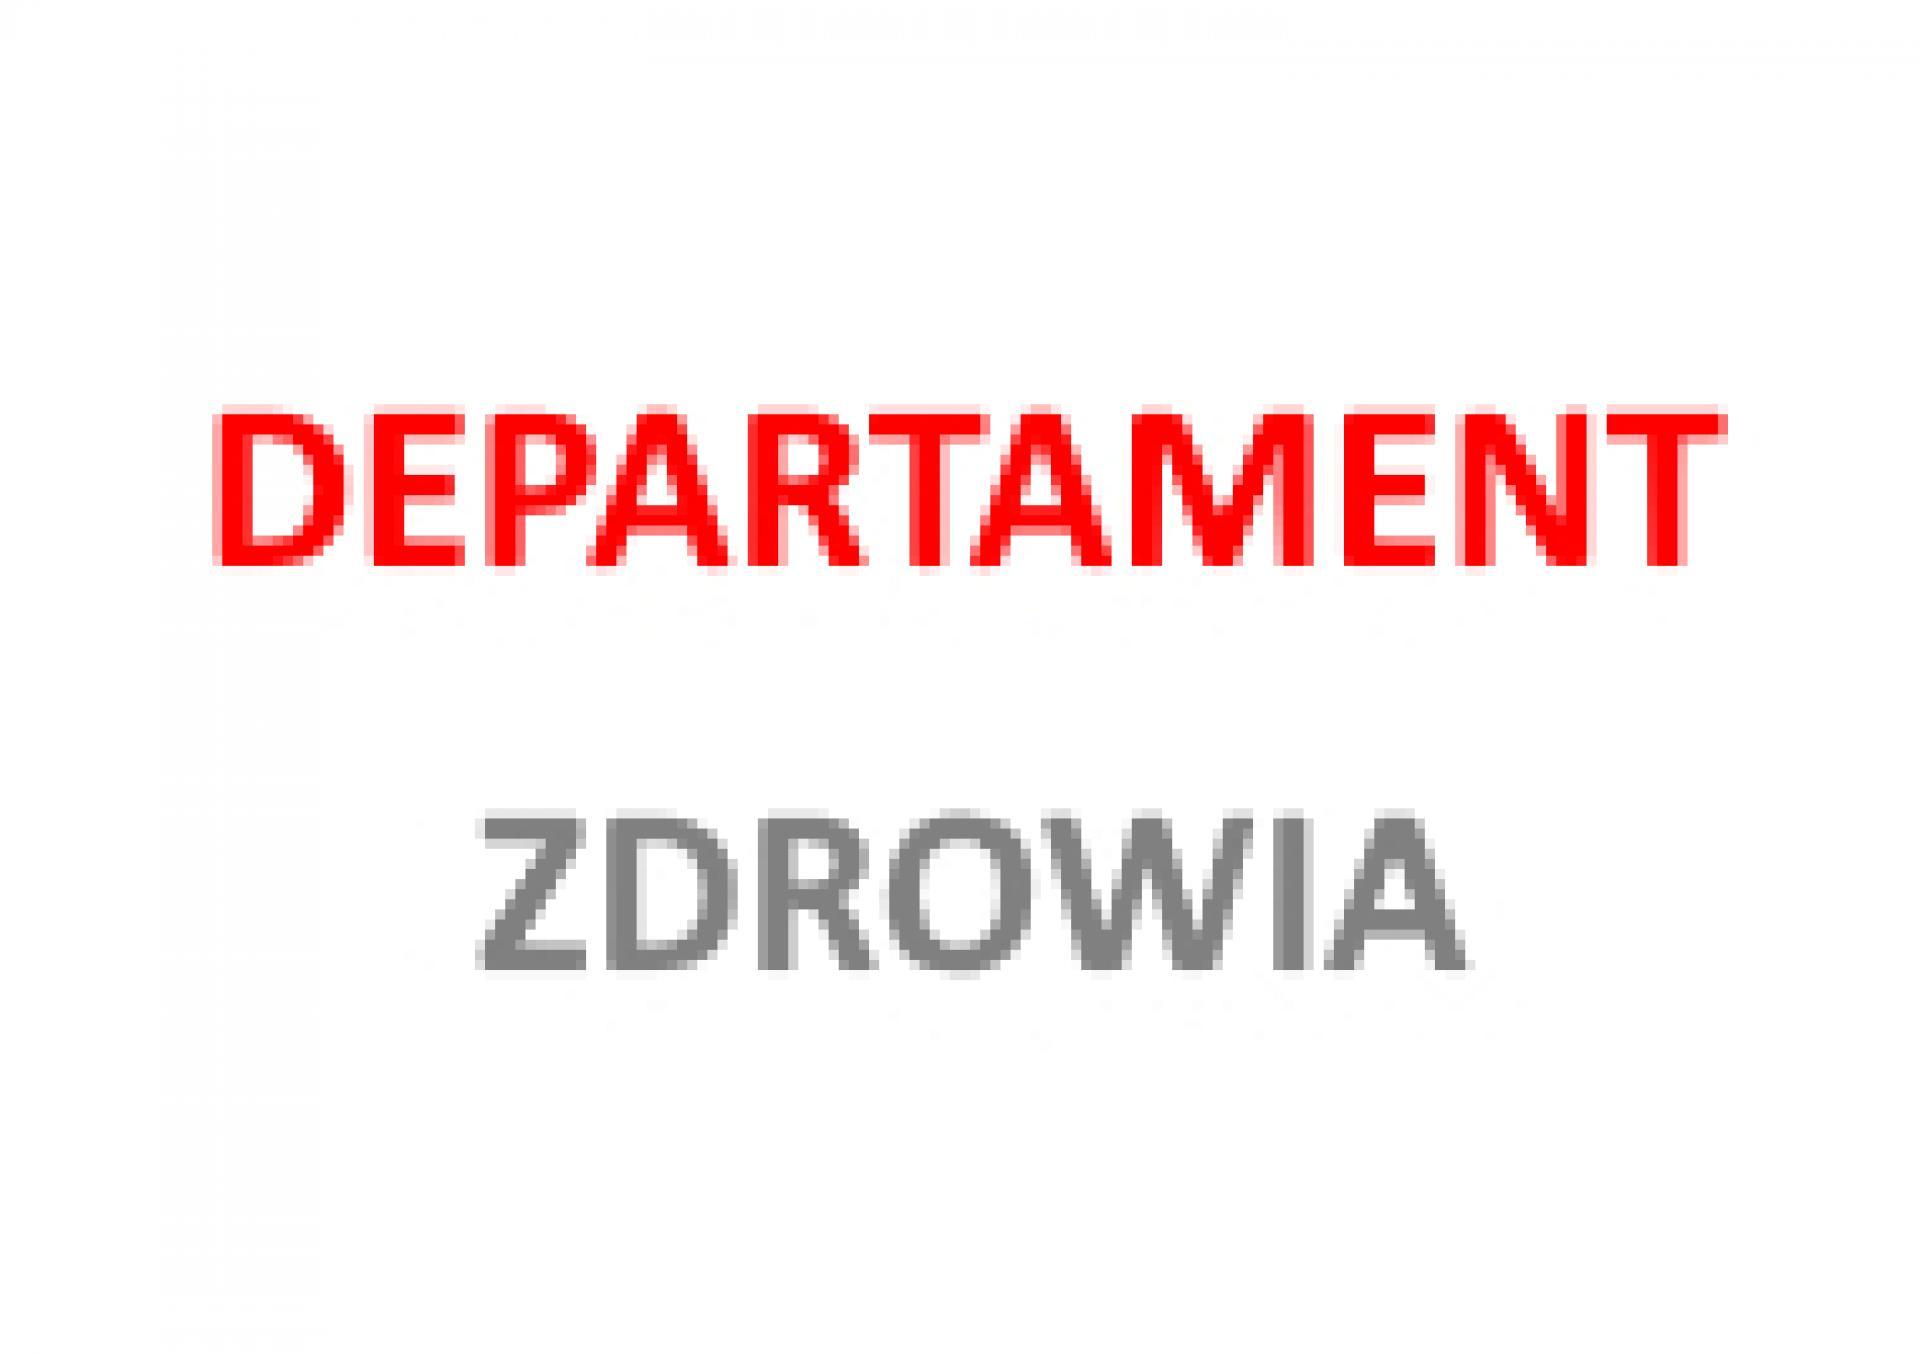 Konsultacje projektu uchwały Sejmiku zmieniającej uchwałę w sprawie nadania statutu Zakładowi Leczenia Uzależnień w Charcicach - zobacz więcej